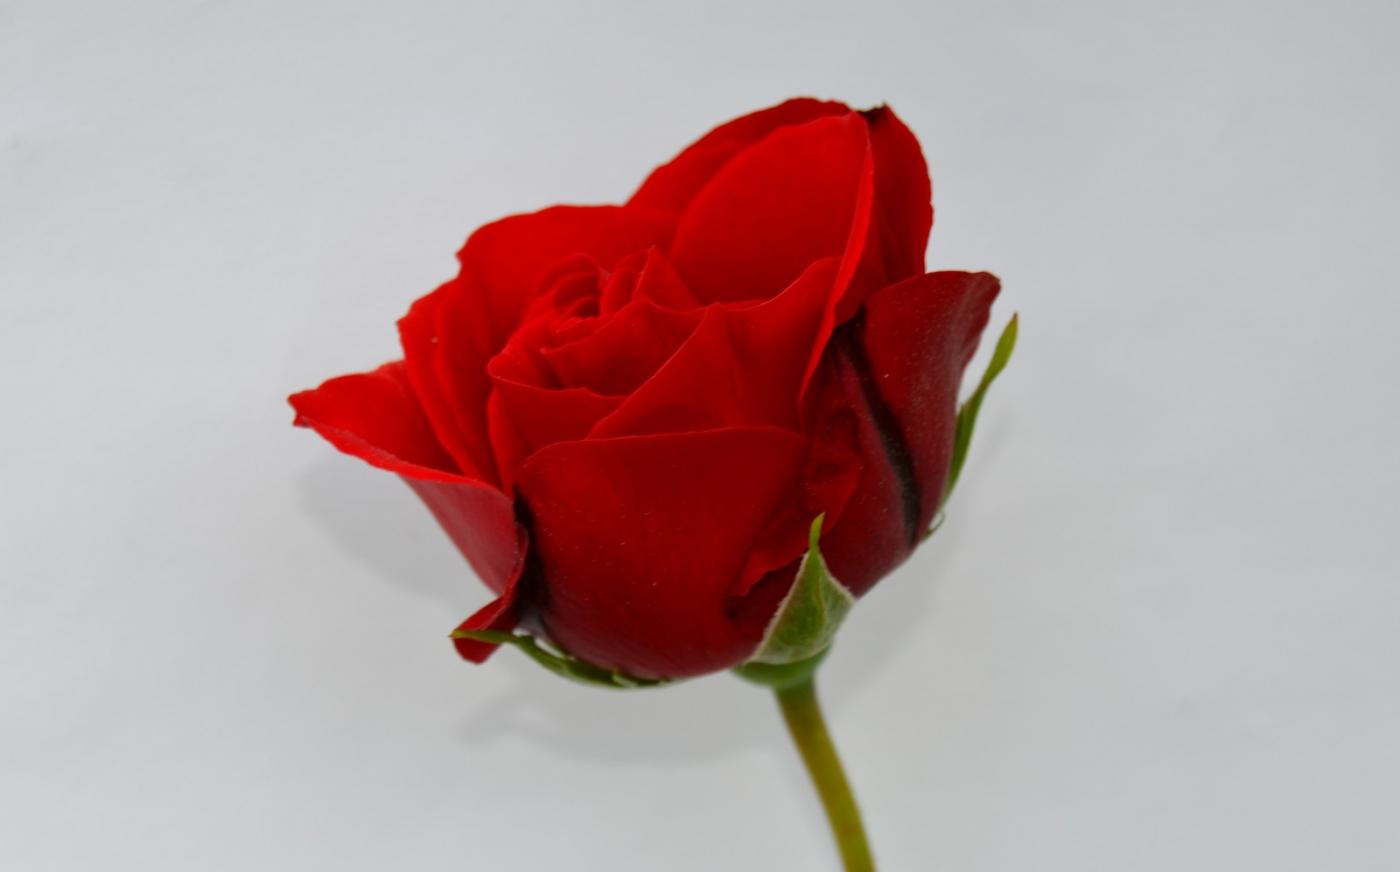 再拍玫瑰_图1-2